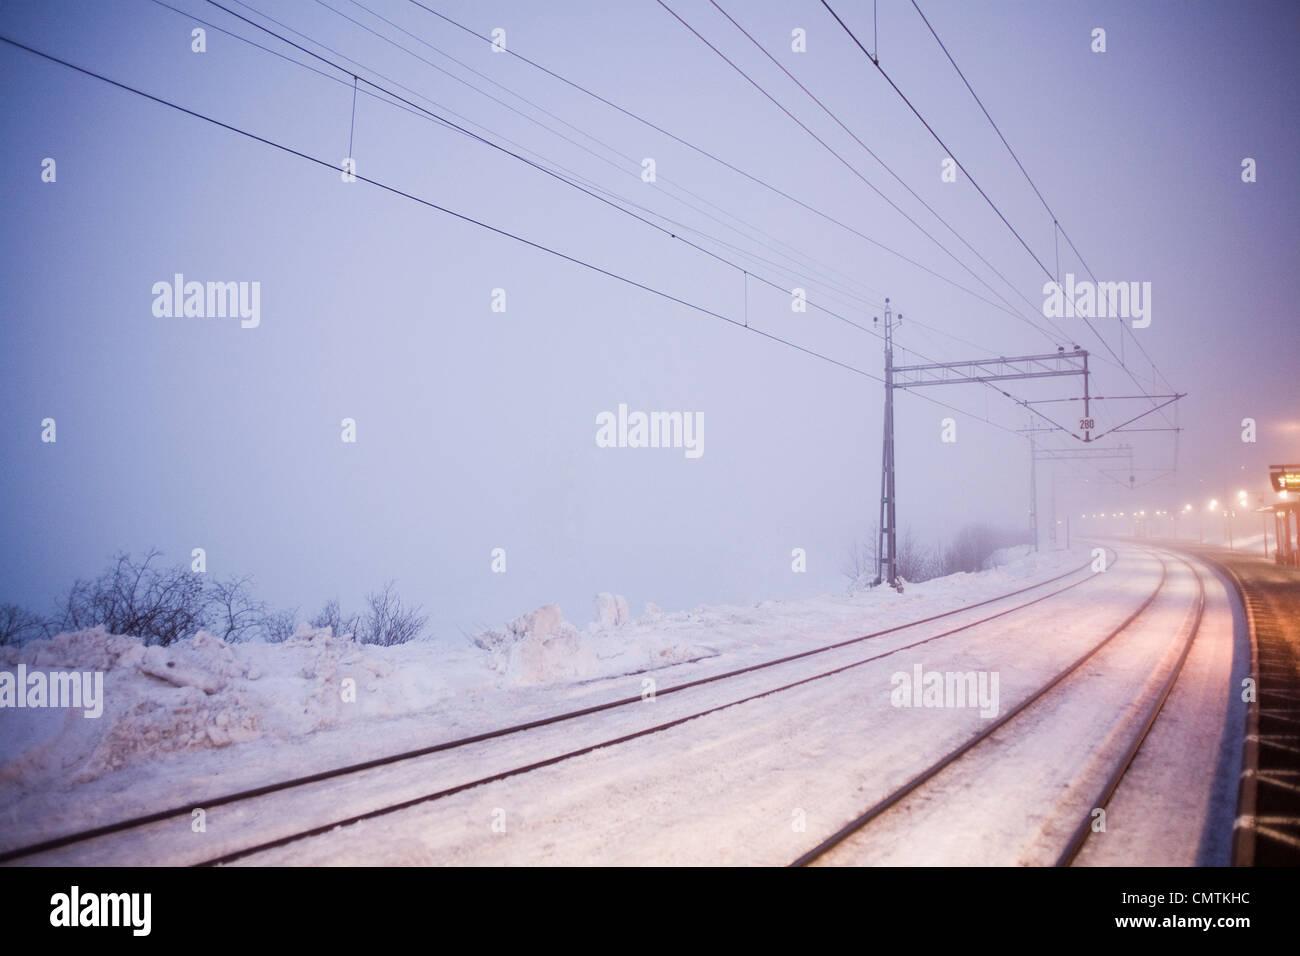 Llena de nieve vía férrea una noche de frío invierno Imagen De Stock